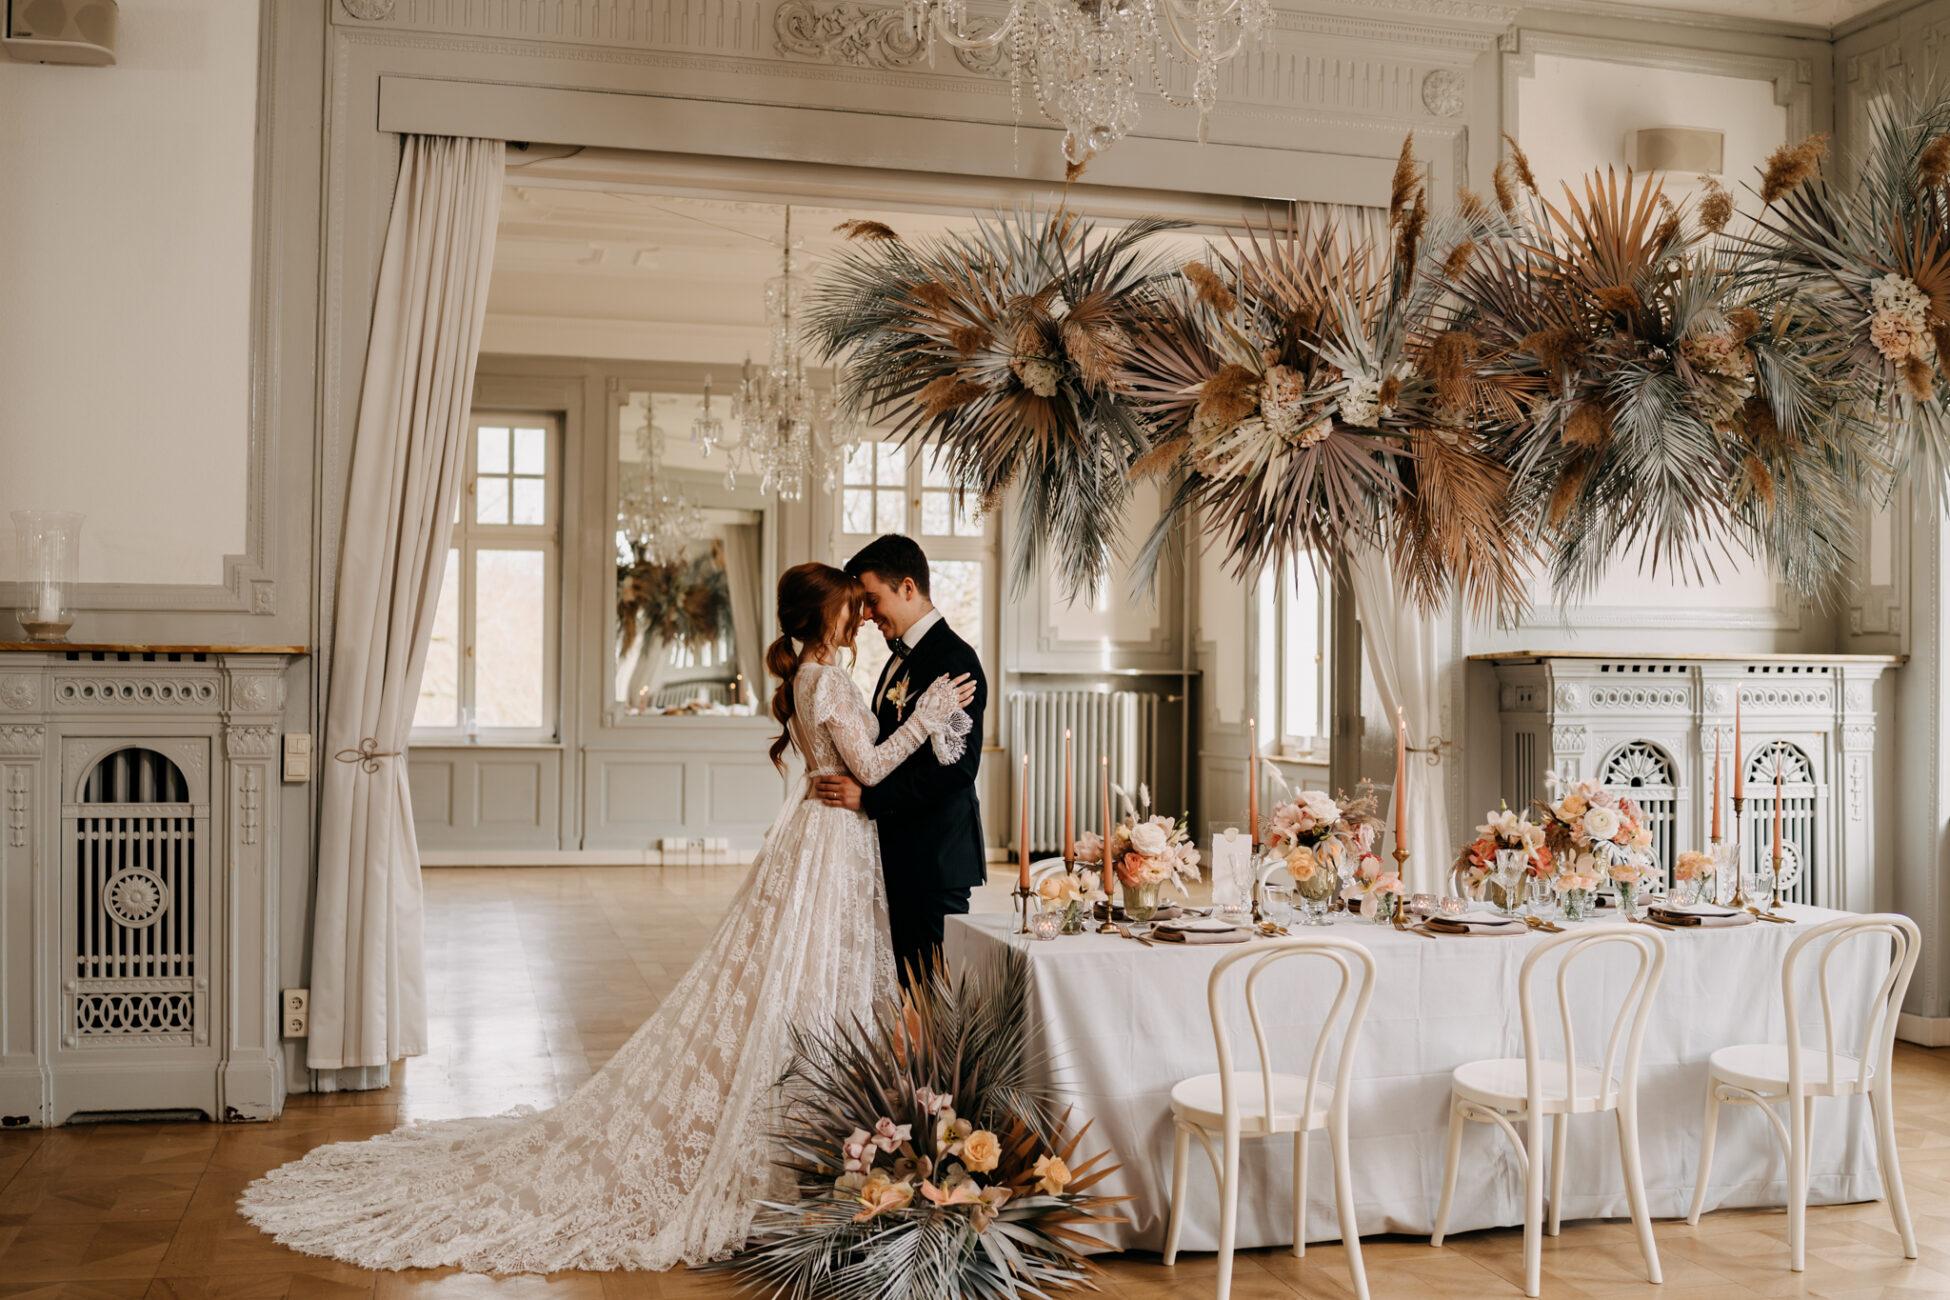 Hochzeitsfotografin Halle Saale Leipzig Mannheim Heidelberg - destination wedding Mallorca - Freie Trauung - Bohohochzeit - vintage industrial wedding